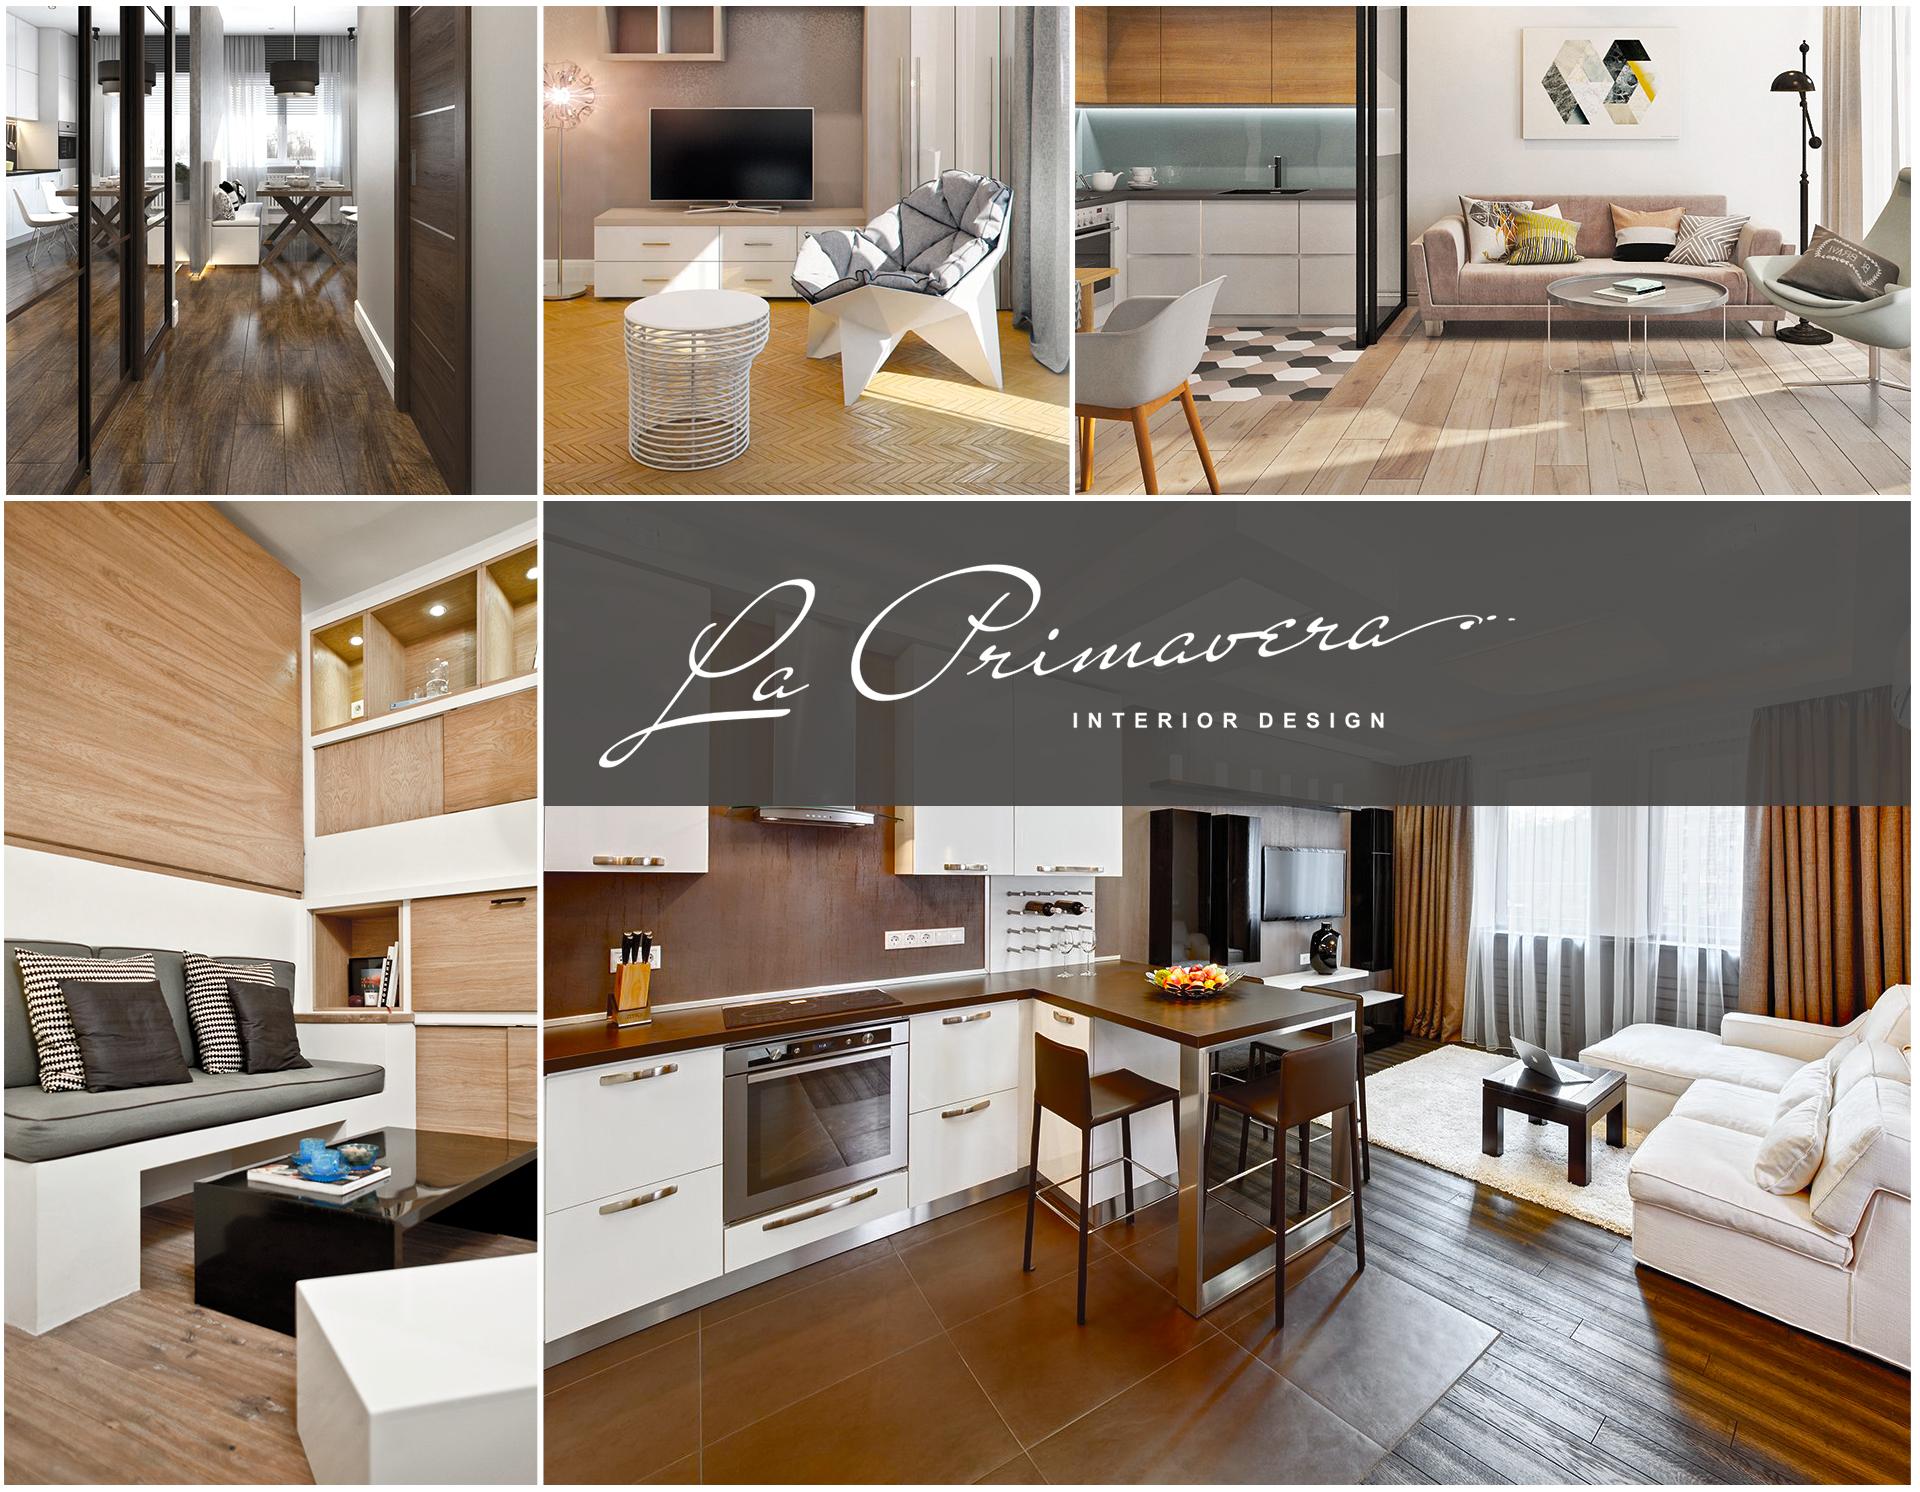 Капитальный ремонт двухкомнатной квартиры от победителей престижных конкурсов